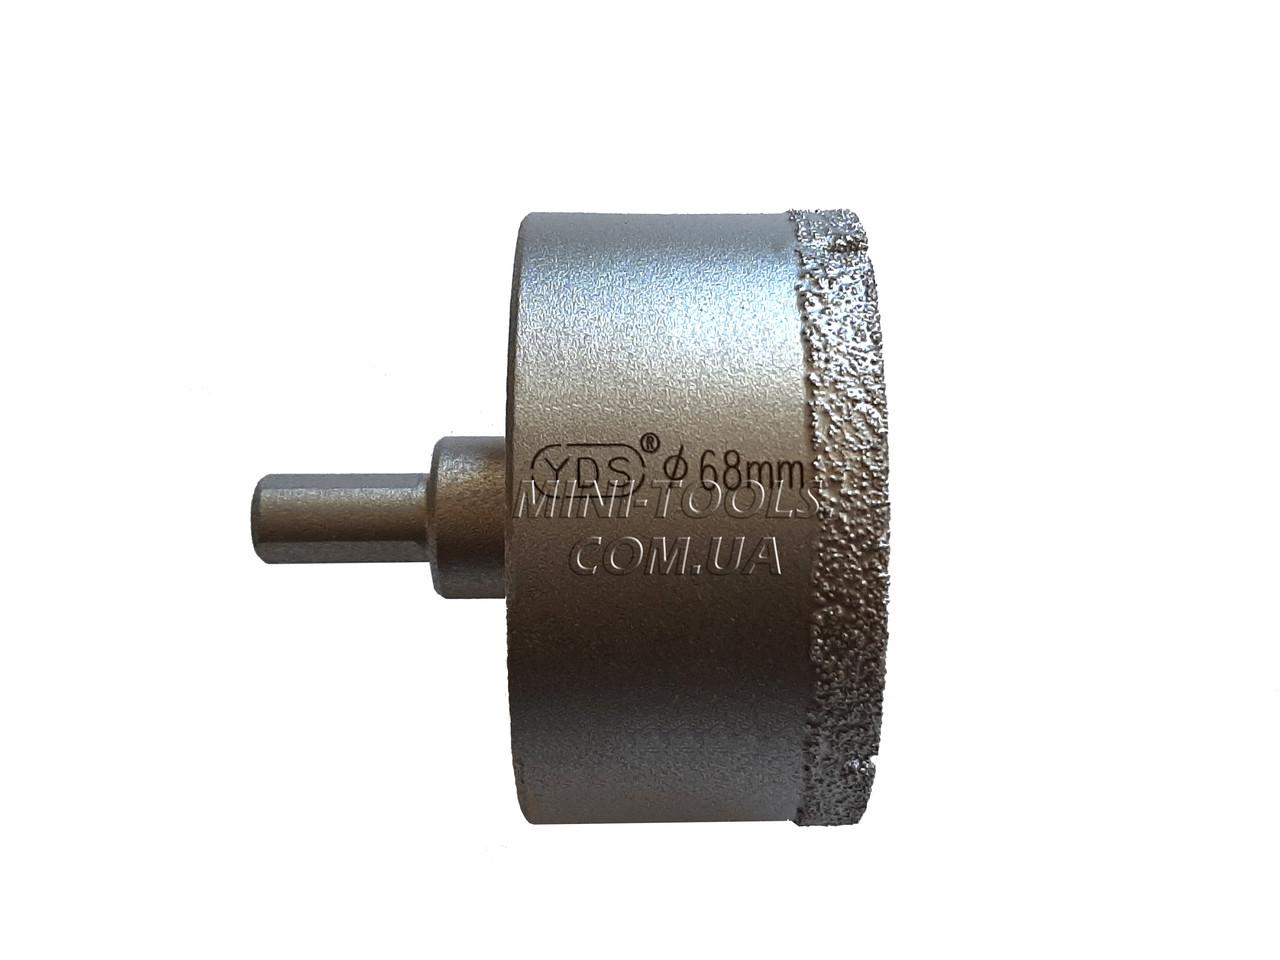 Спеченная алмазна коронка Ø 68 mm. YDS Tools